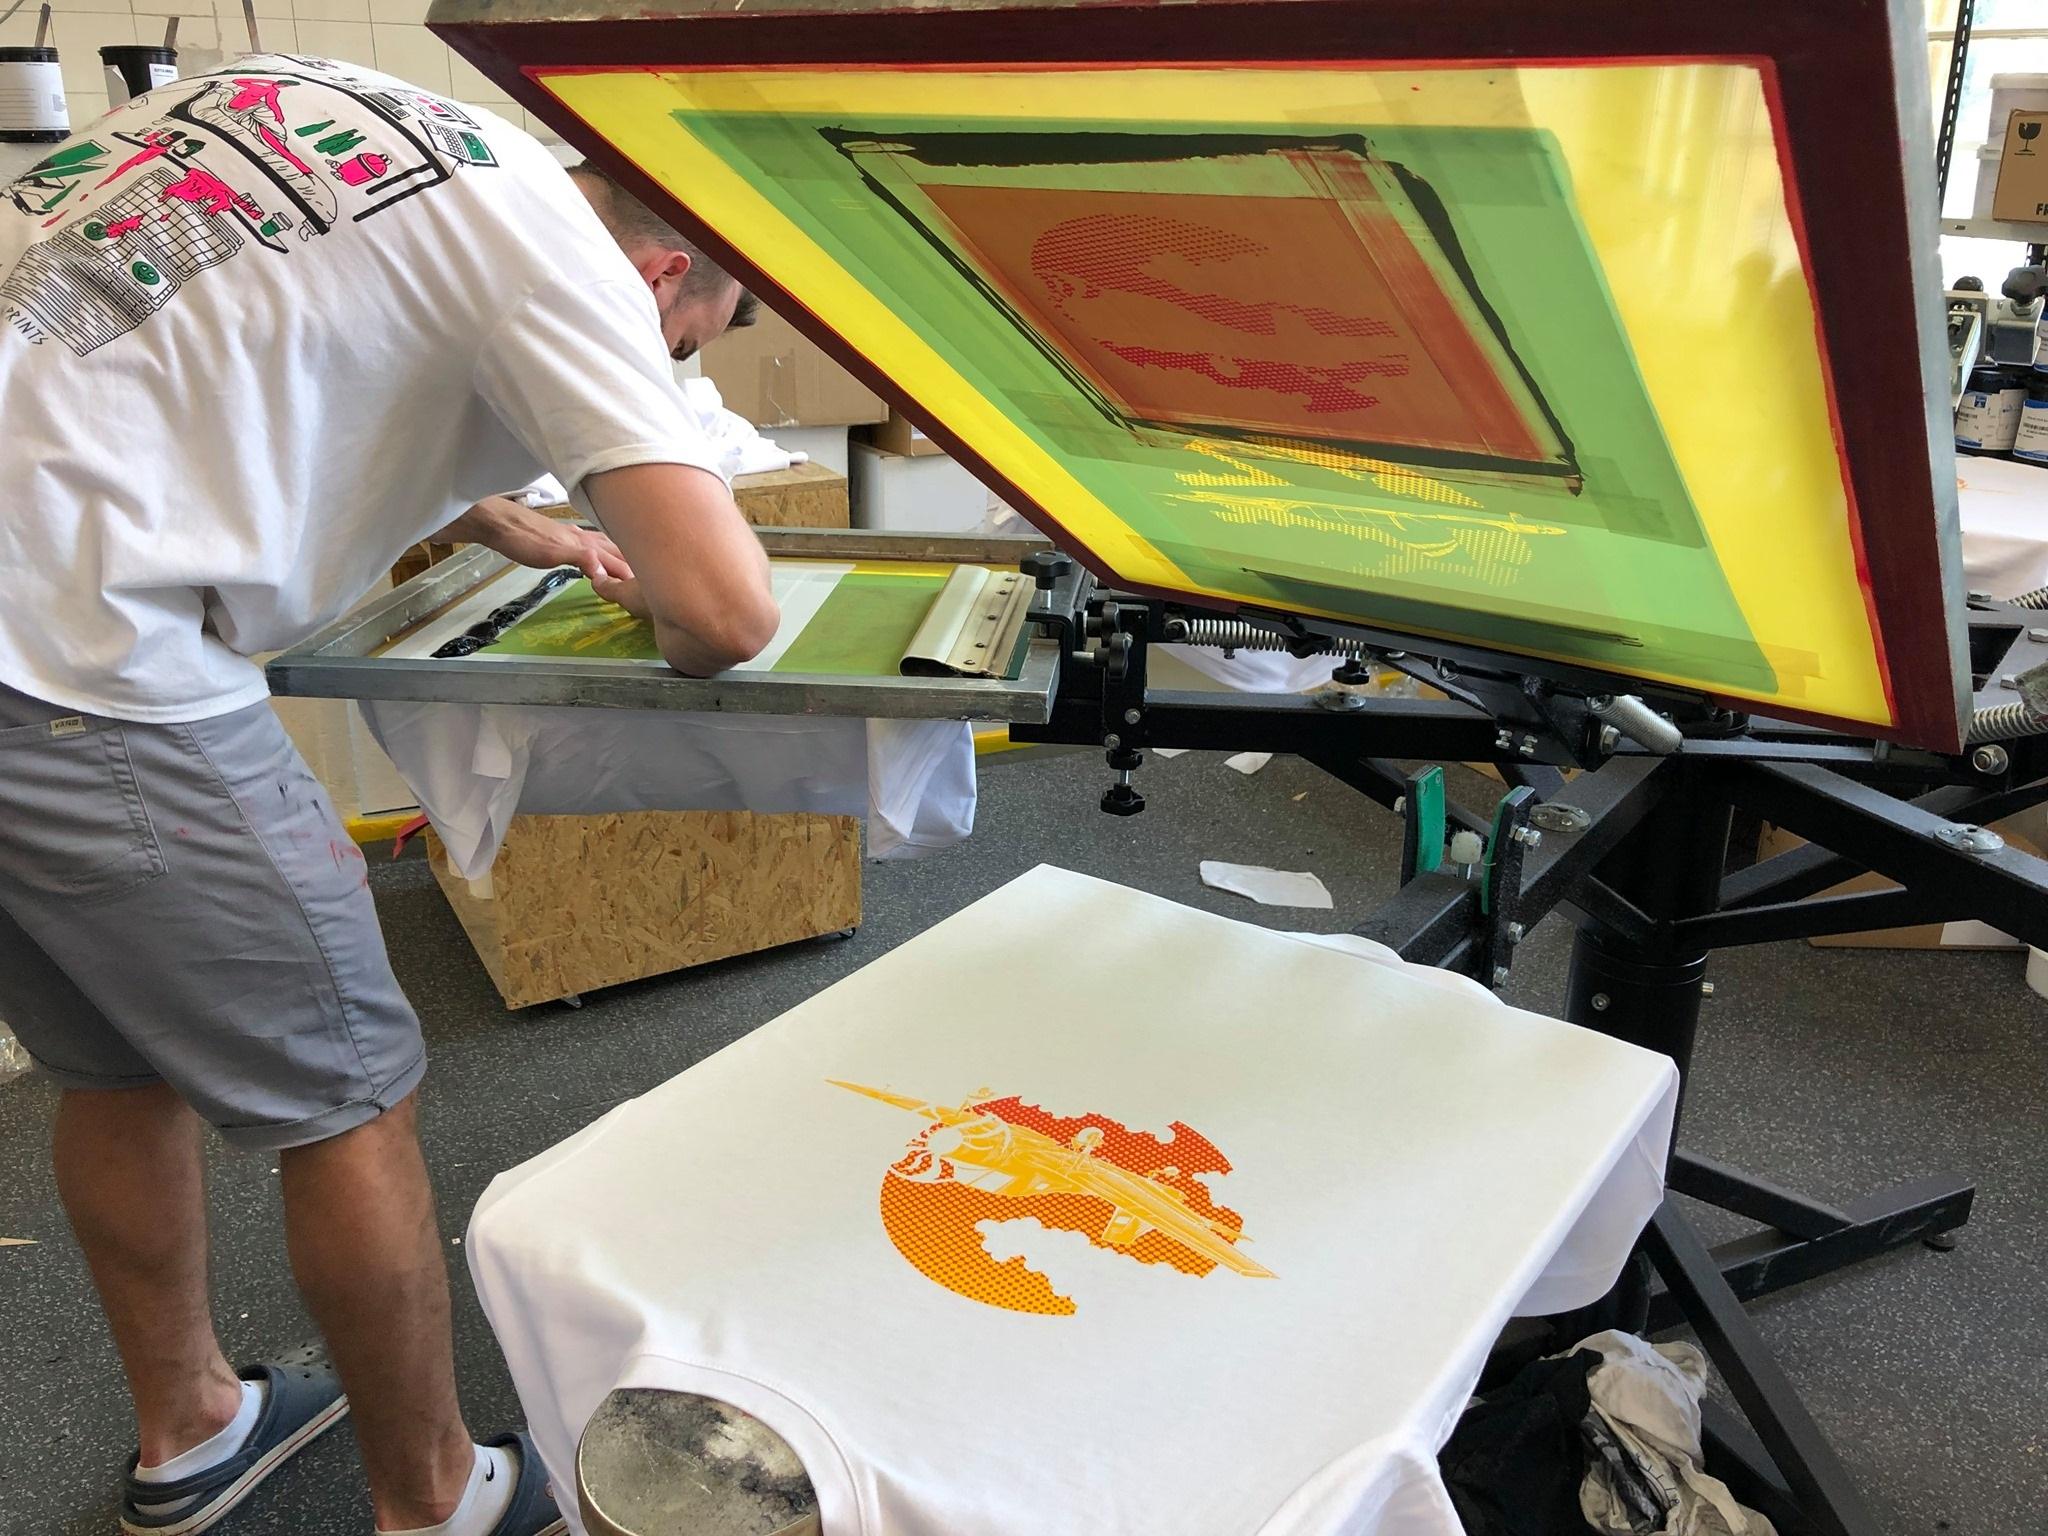 Design je nanášen metodou sítotisku s vysoce odolnými barvami na kvalitní trička ze 100% bavlny.